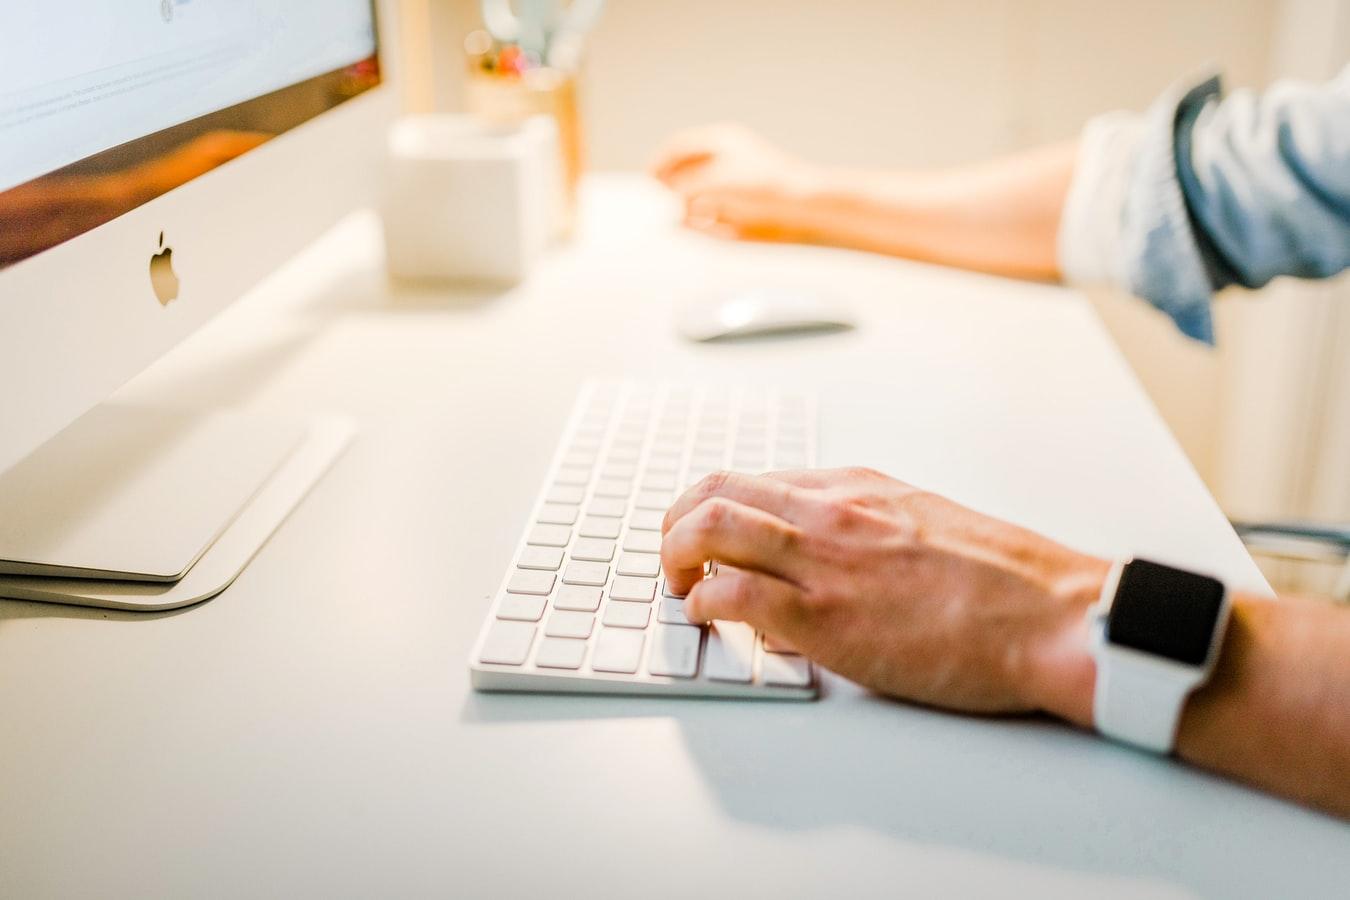 Le gouvernement a annoncé ce mardi un appel à projet visant à recenser les solutions existantes pour permettre aux commerces de proximité d'accélérer leur présence en ligne.